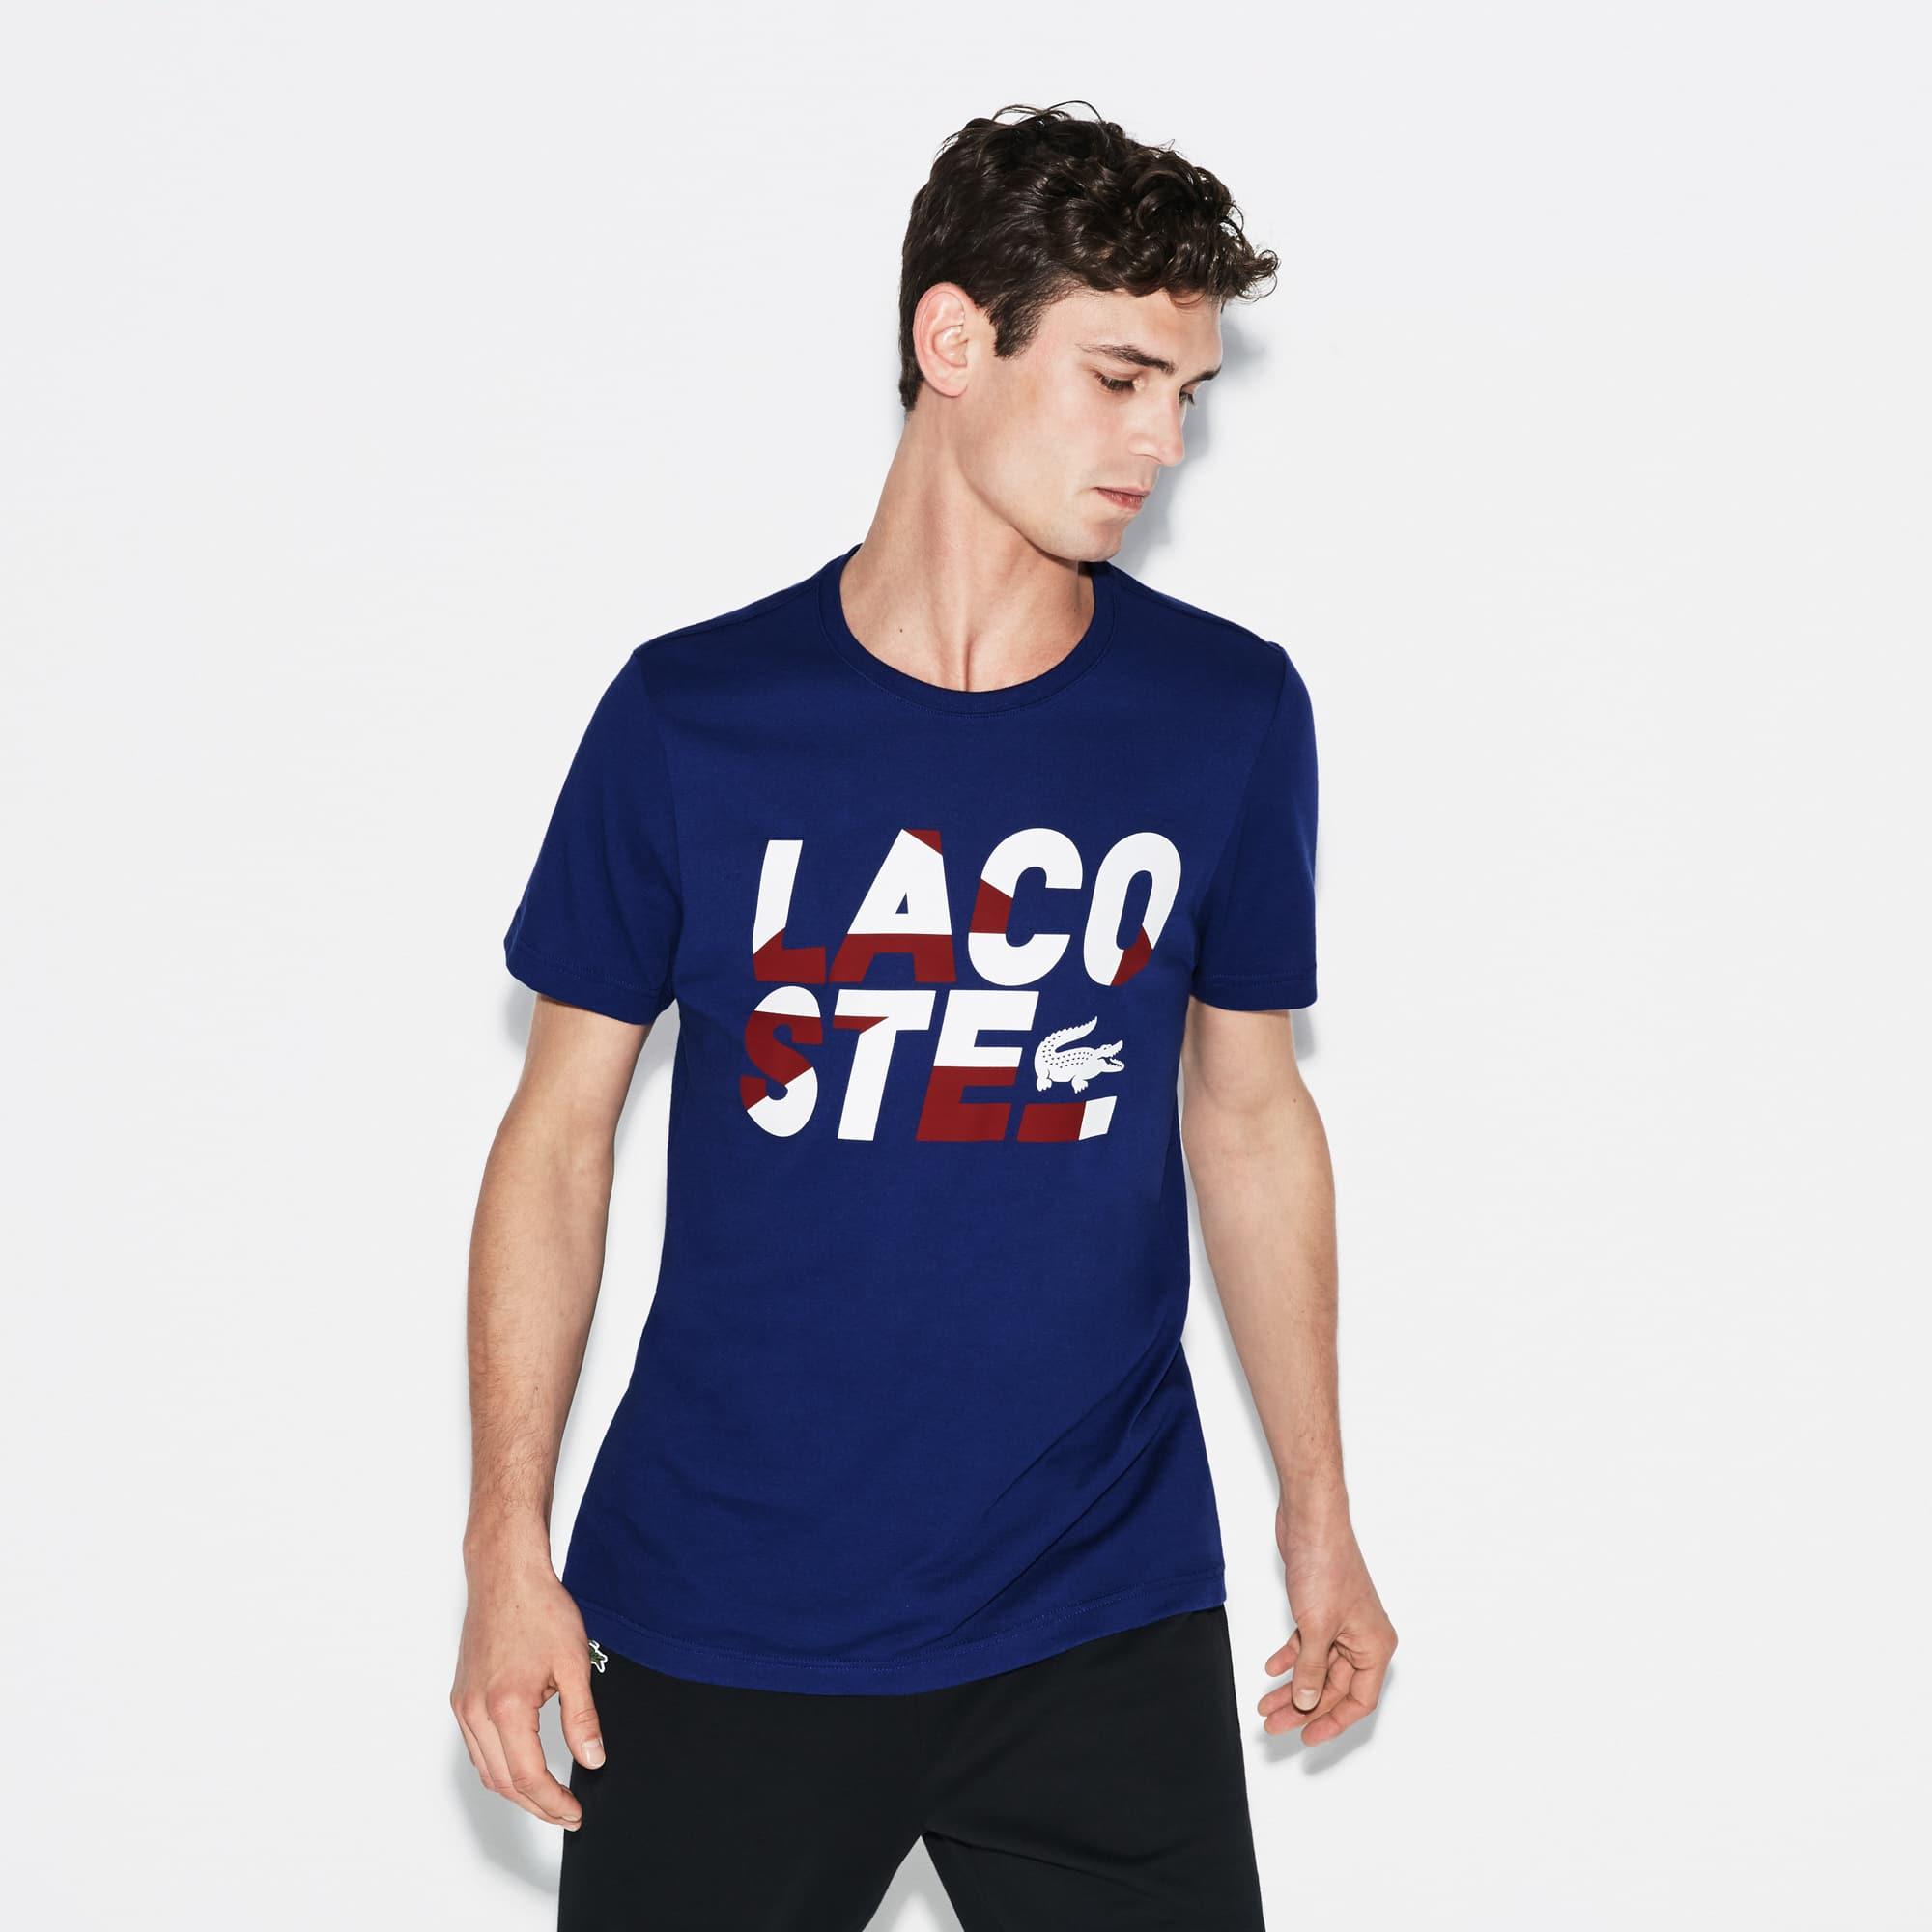 Men's SPORT Tennis Lettering Technical Jersey T-shirt